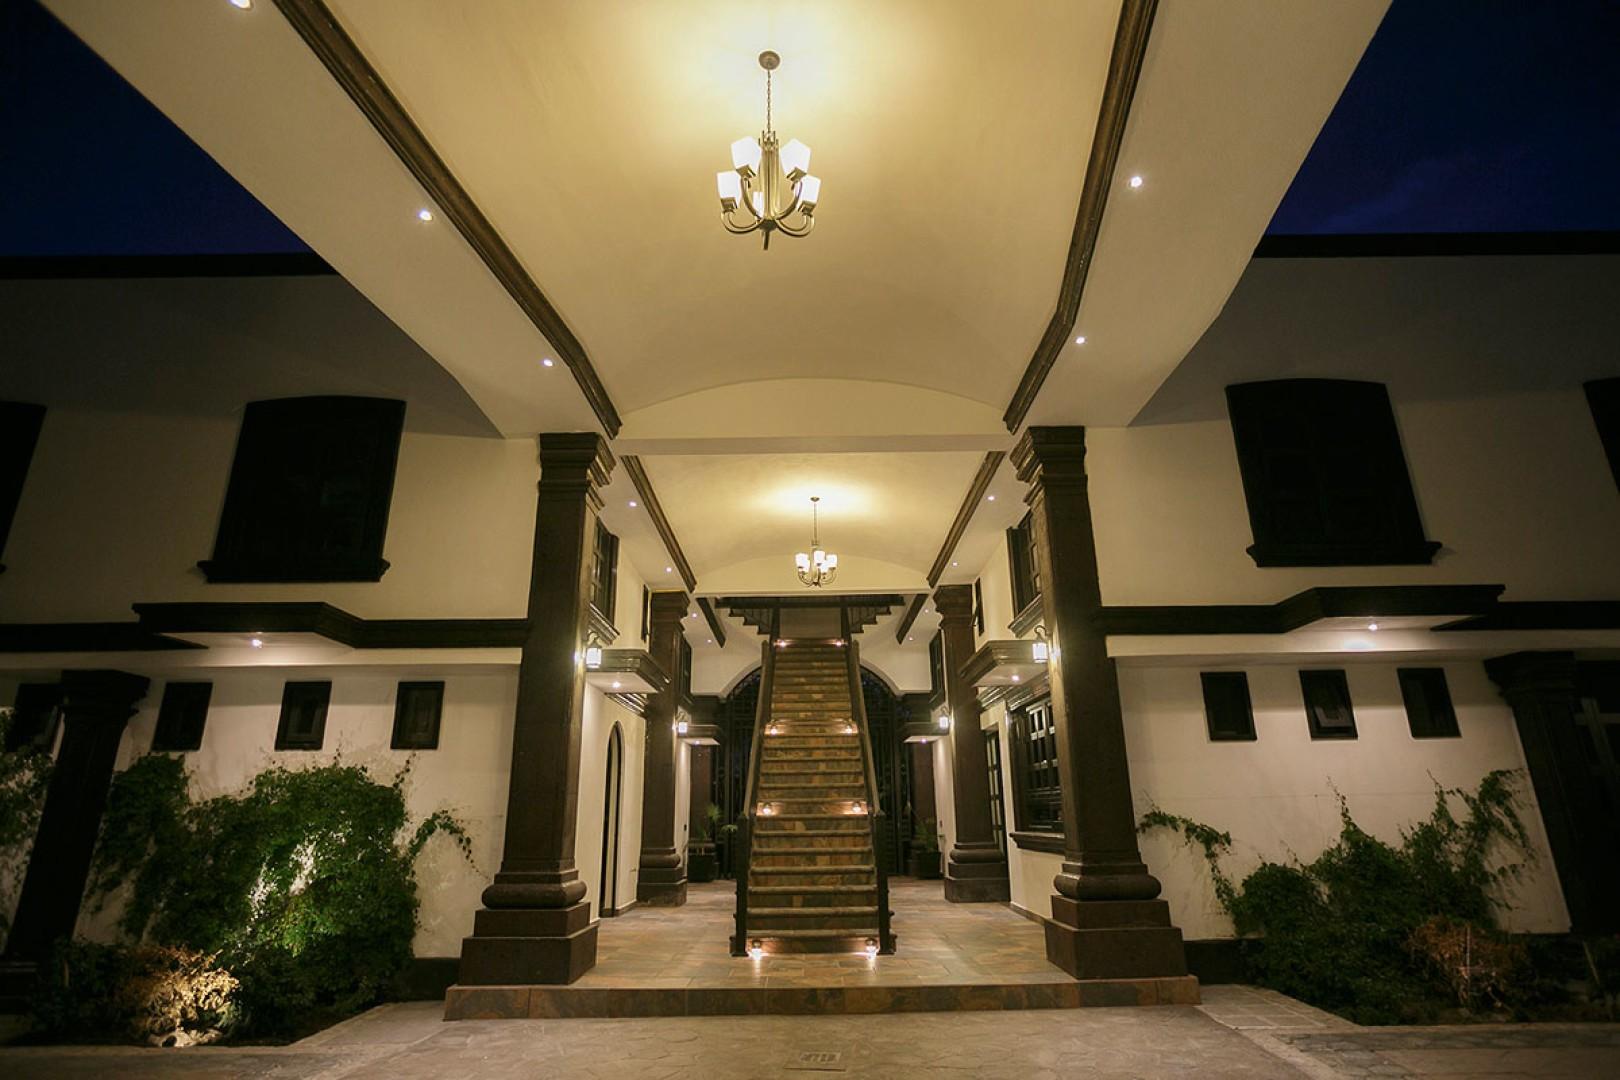 Panoramica del hotel The Latit